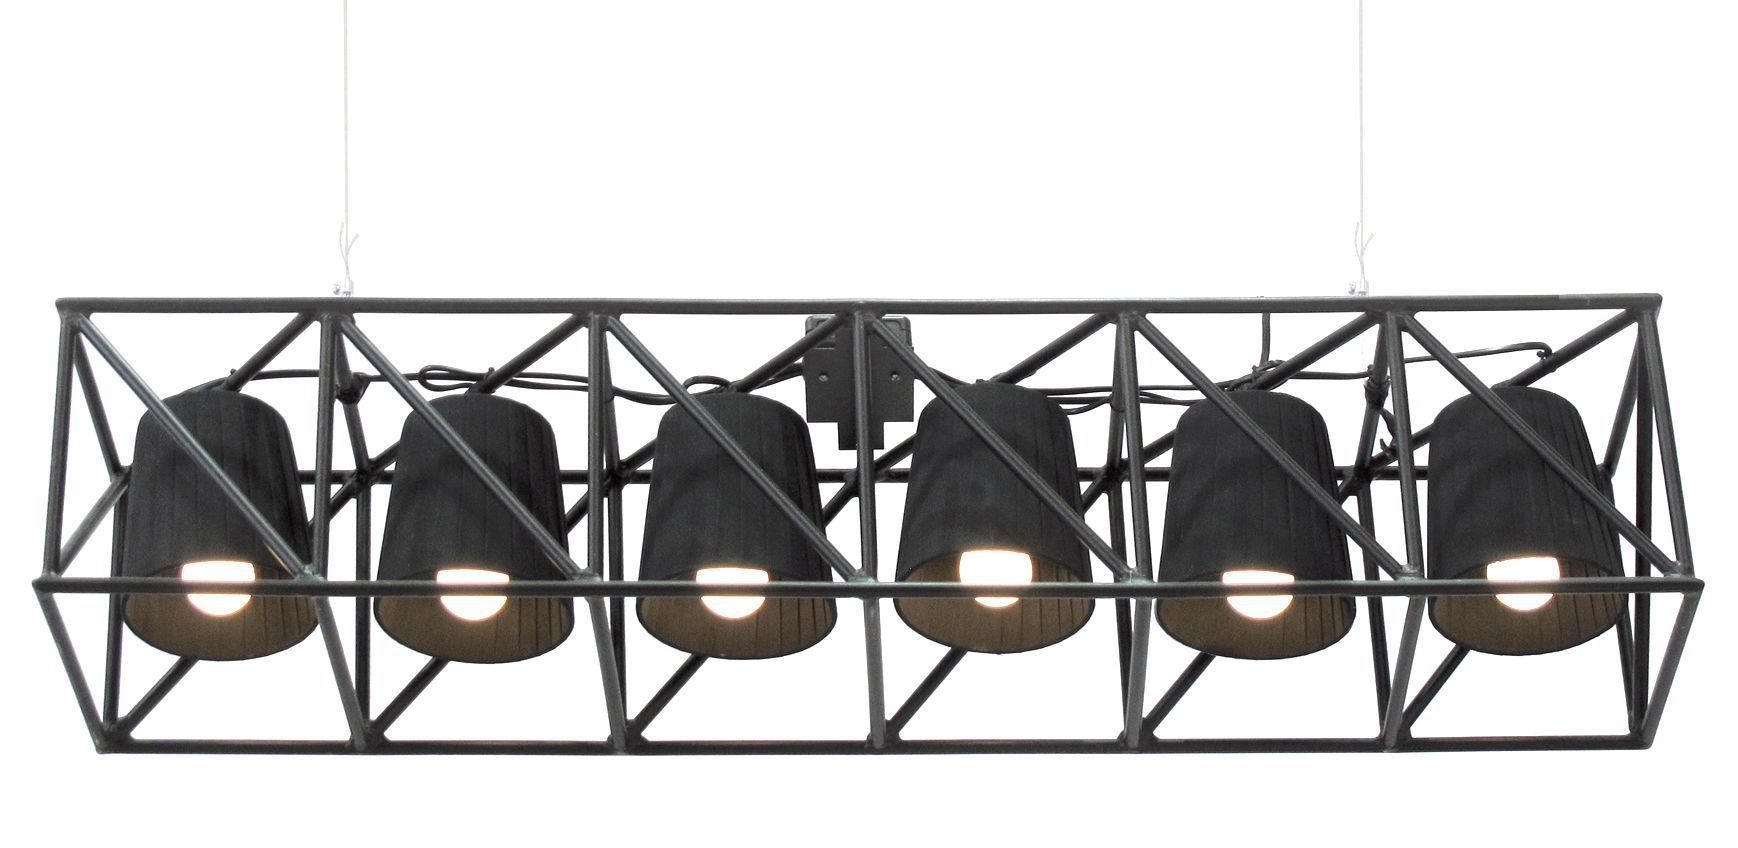 Leuchten - Pendelleuchten - Multilamp Pendelleuchte / L 103 cm - Seletti - Schwarz - Gewebe, Metall